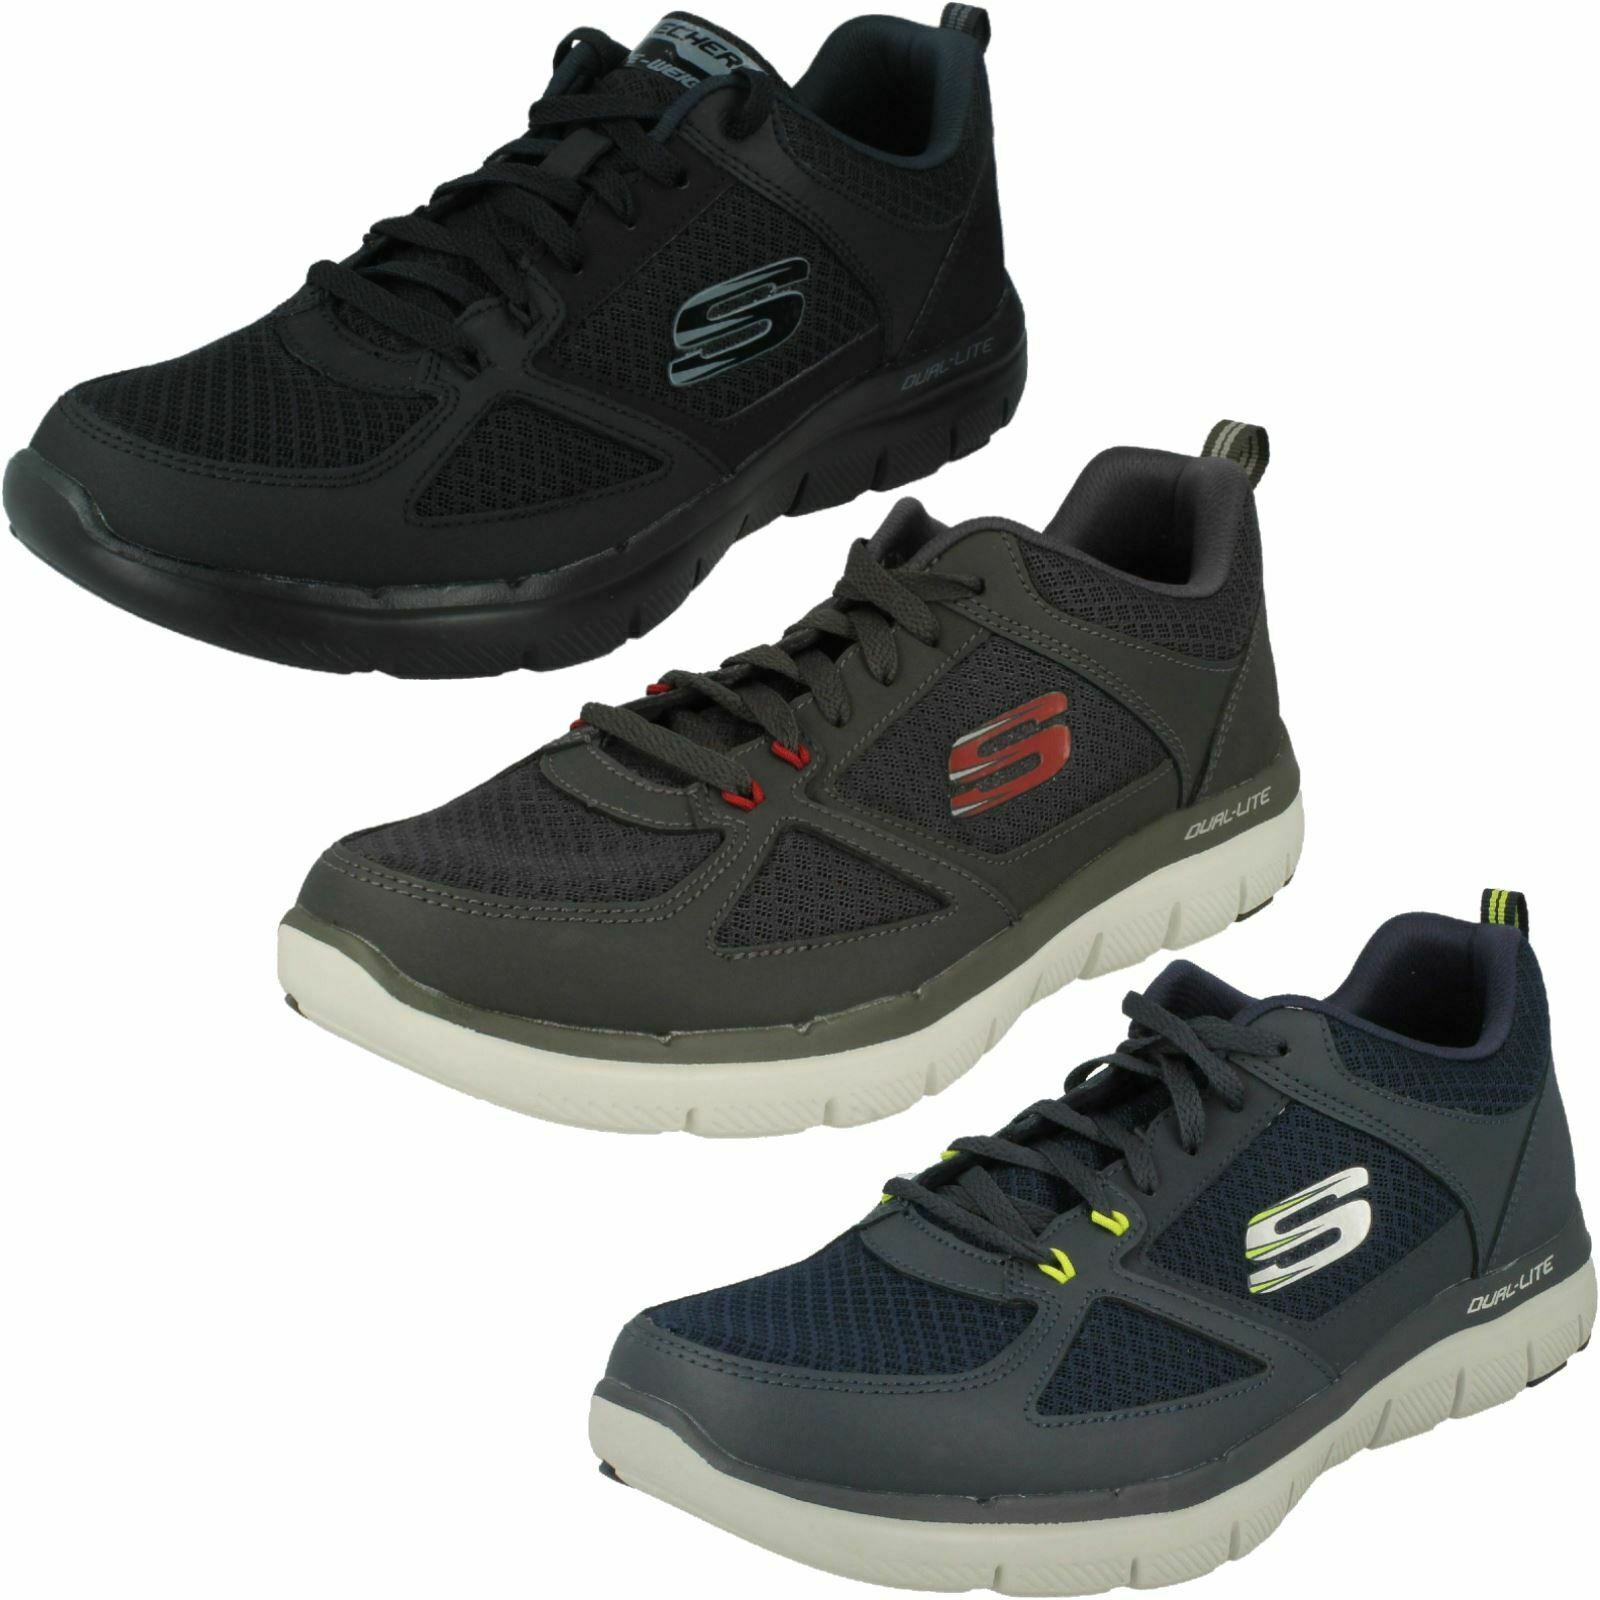 Mens Flex Advantage 2.0 Lindman 52189 Lace Up Trainers By Skechers Retail